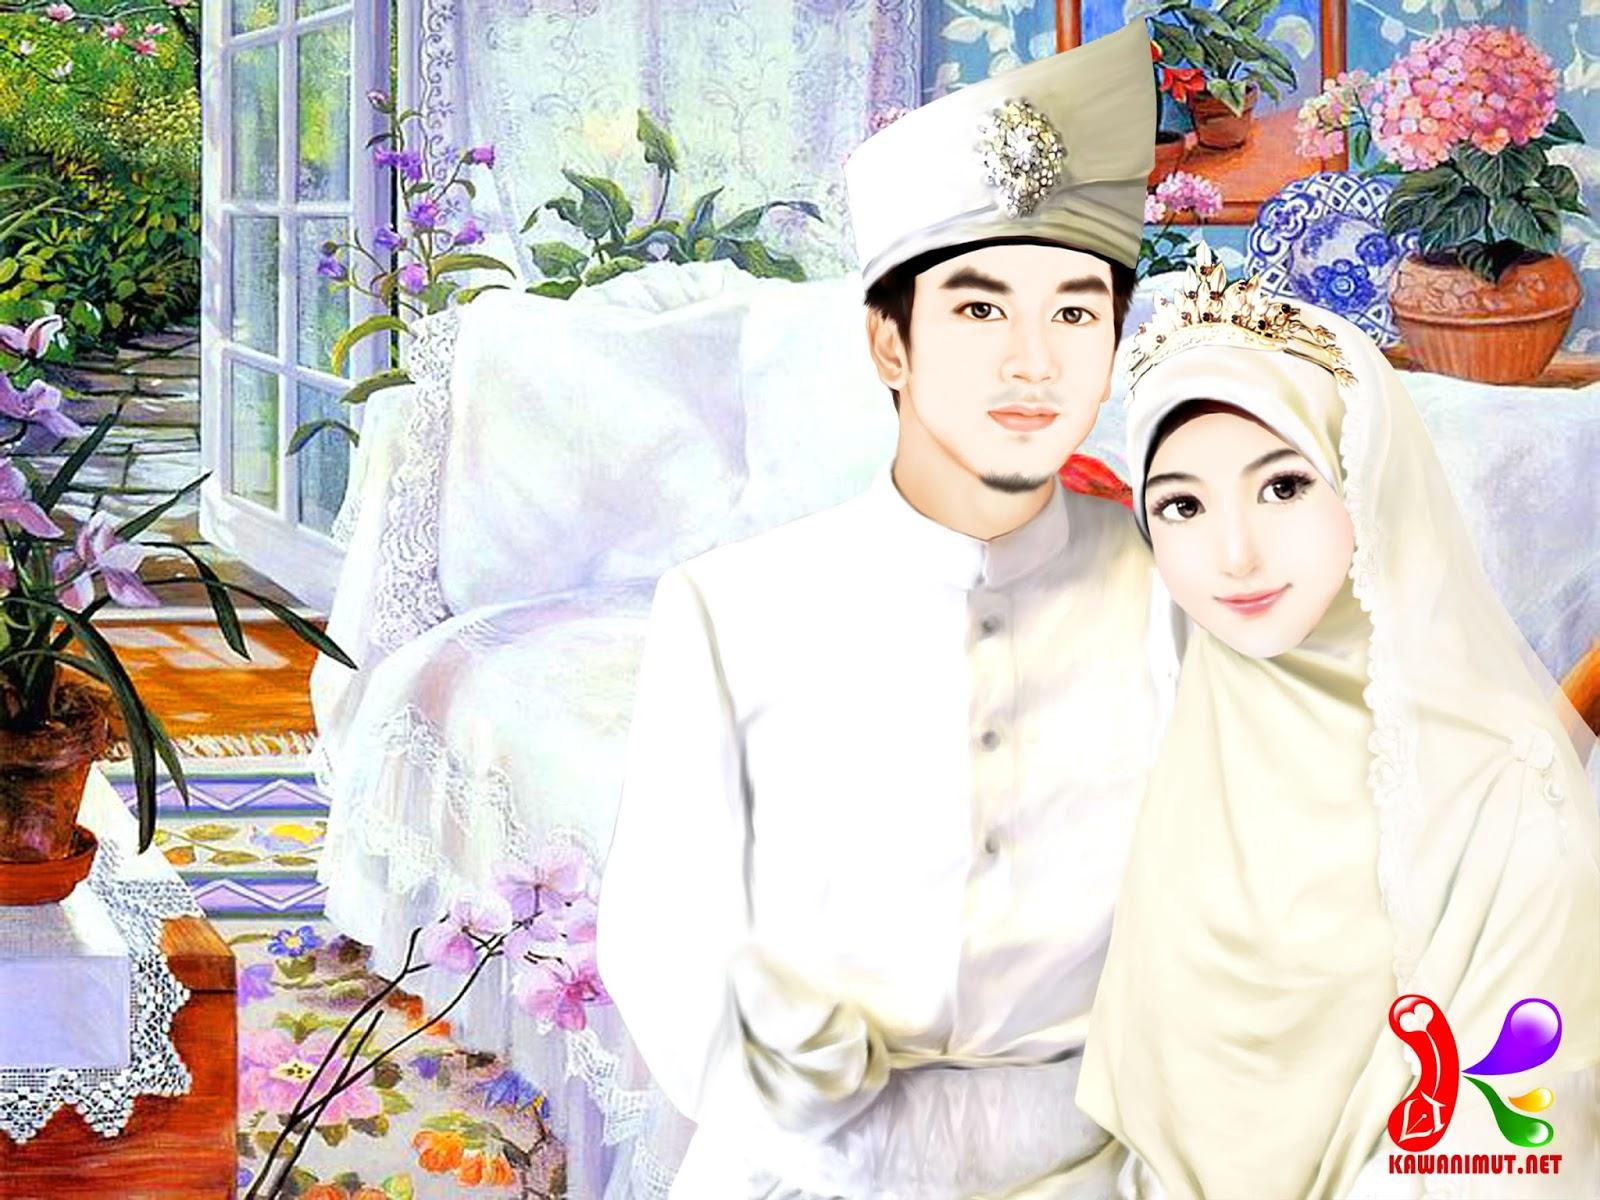 Kumpulan Gambar Karikatur Menikah Hijab